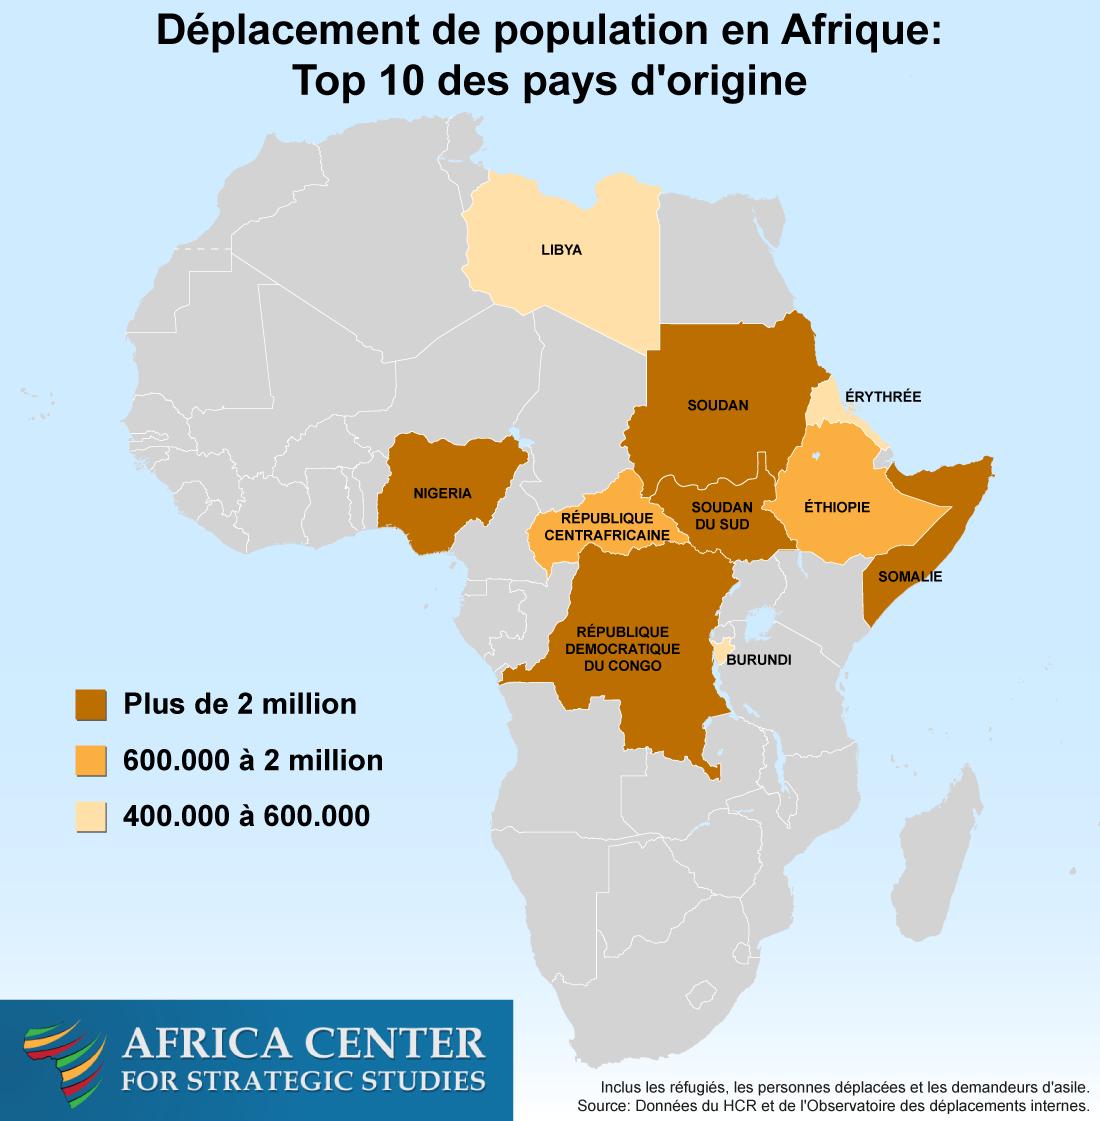 Déplacement de population en Afrique:Top 10 des pays d'origine